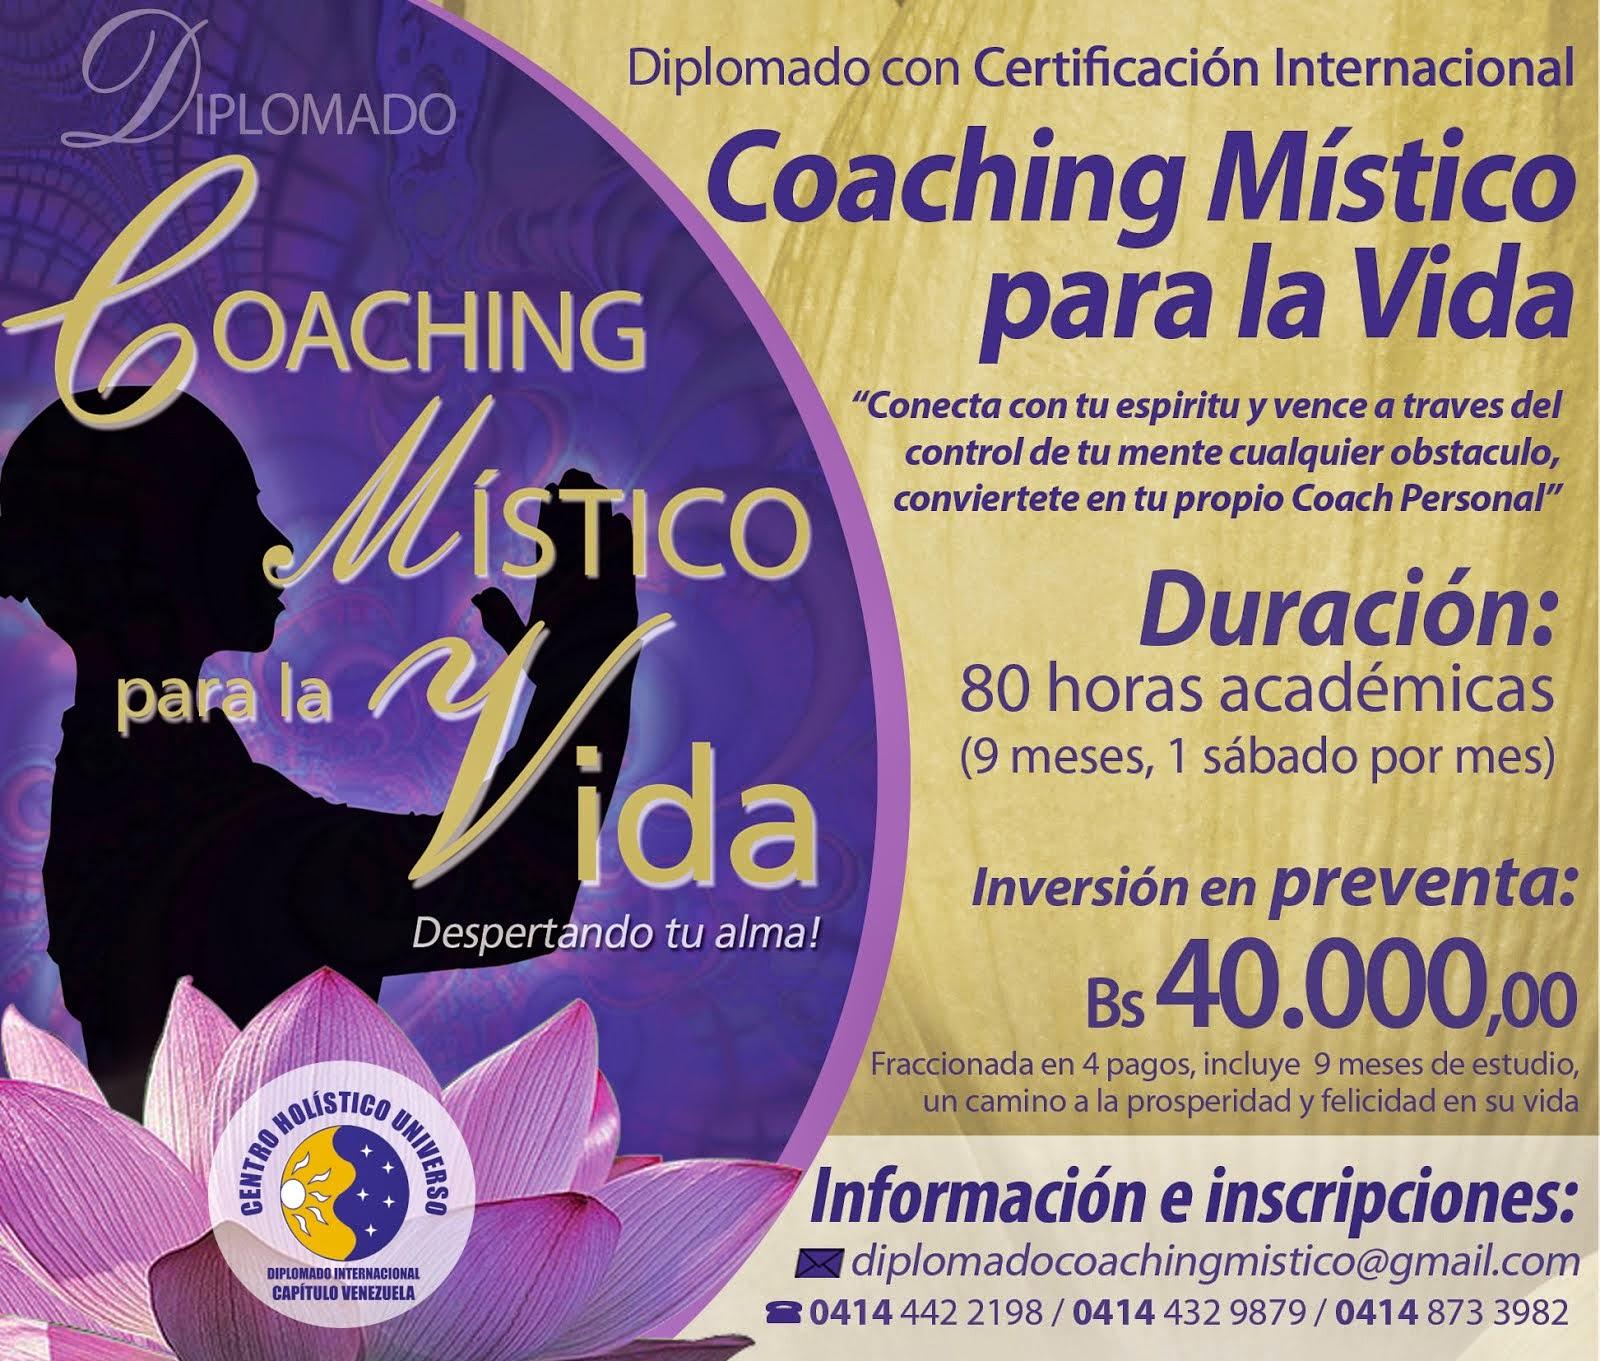 DIPLOMADO DE COACHING MISTICO PARA LA VIDA CON CERTIFICACION INTERNACIONAL